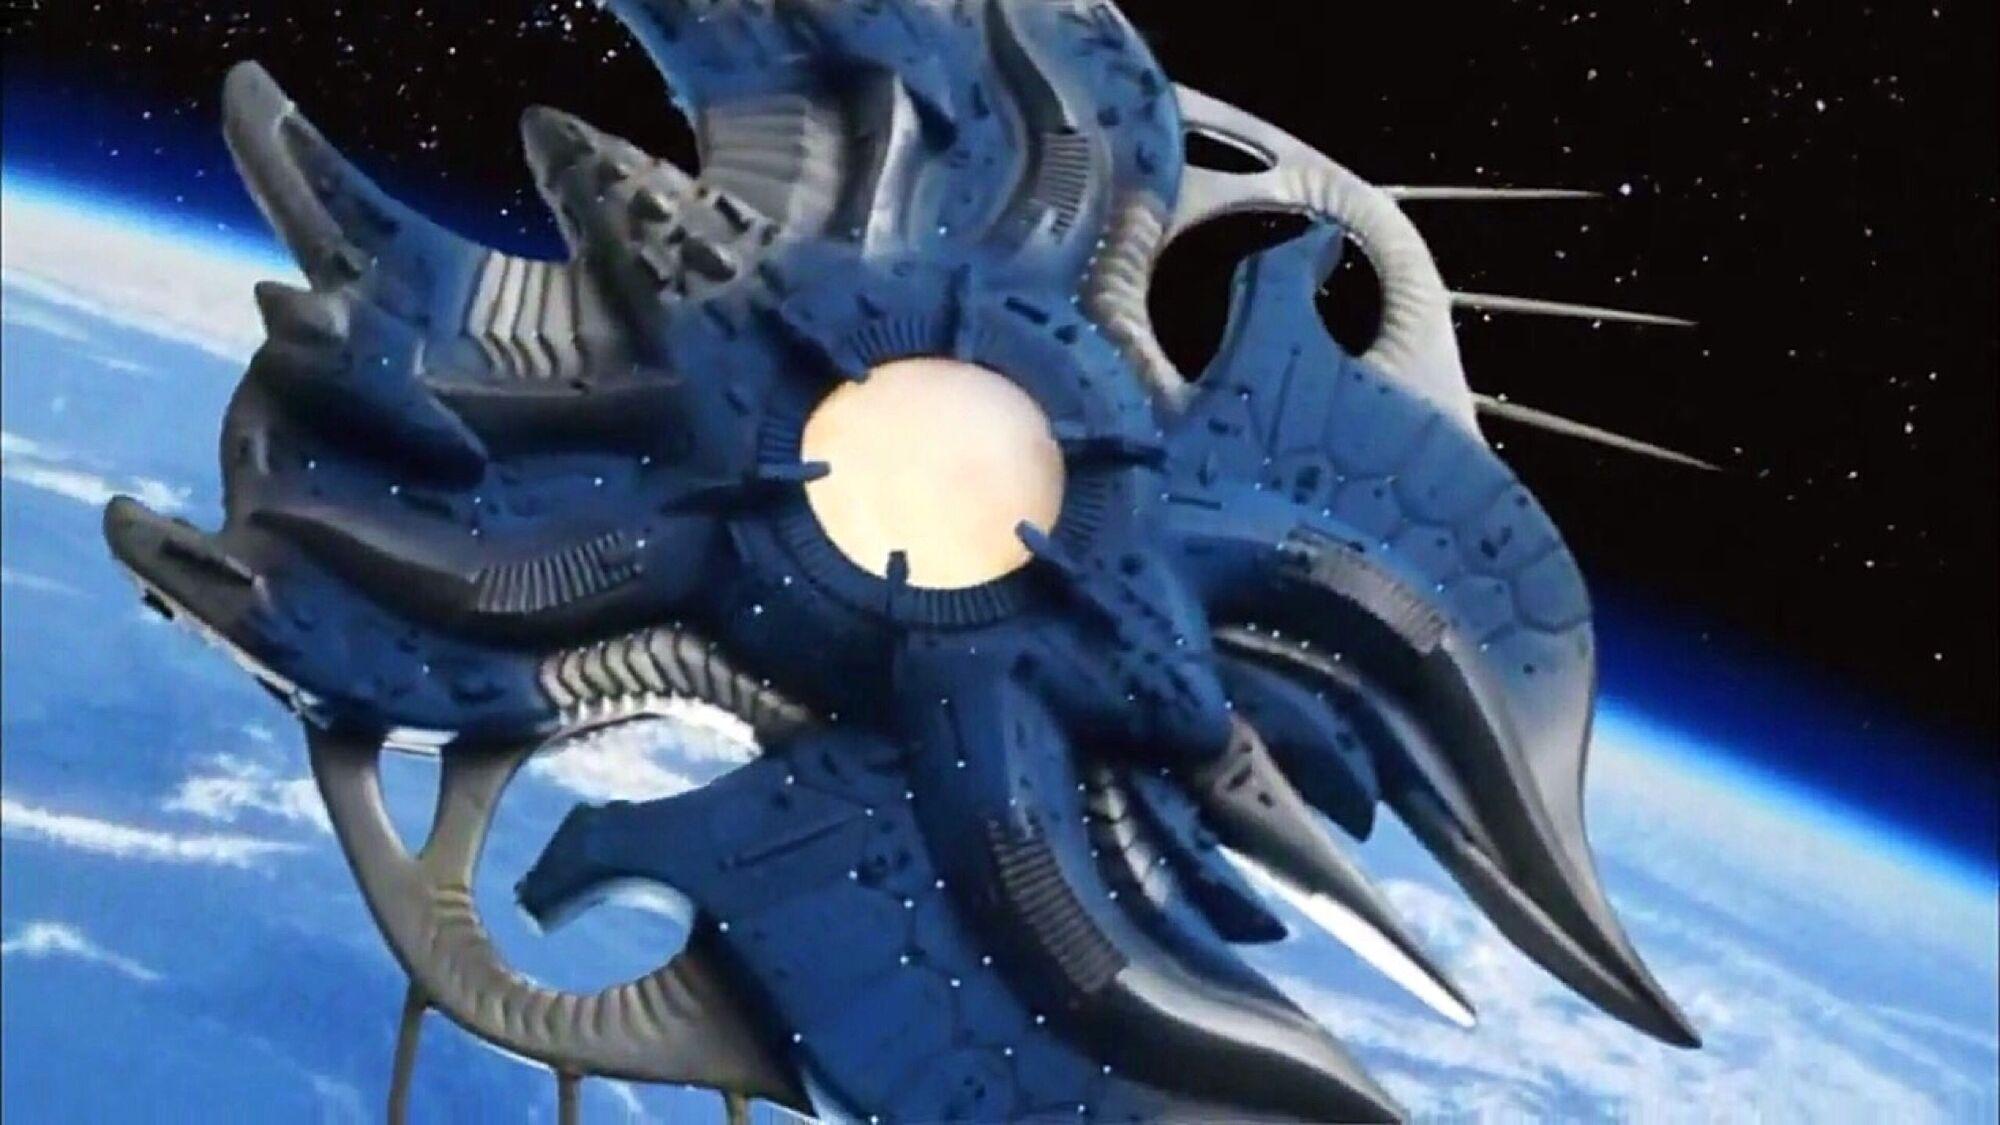 warstar spaceship rangerwiki fandom powered by wikia